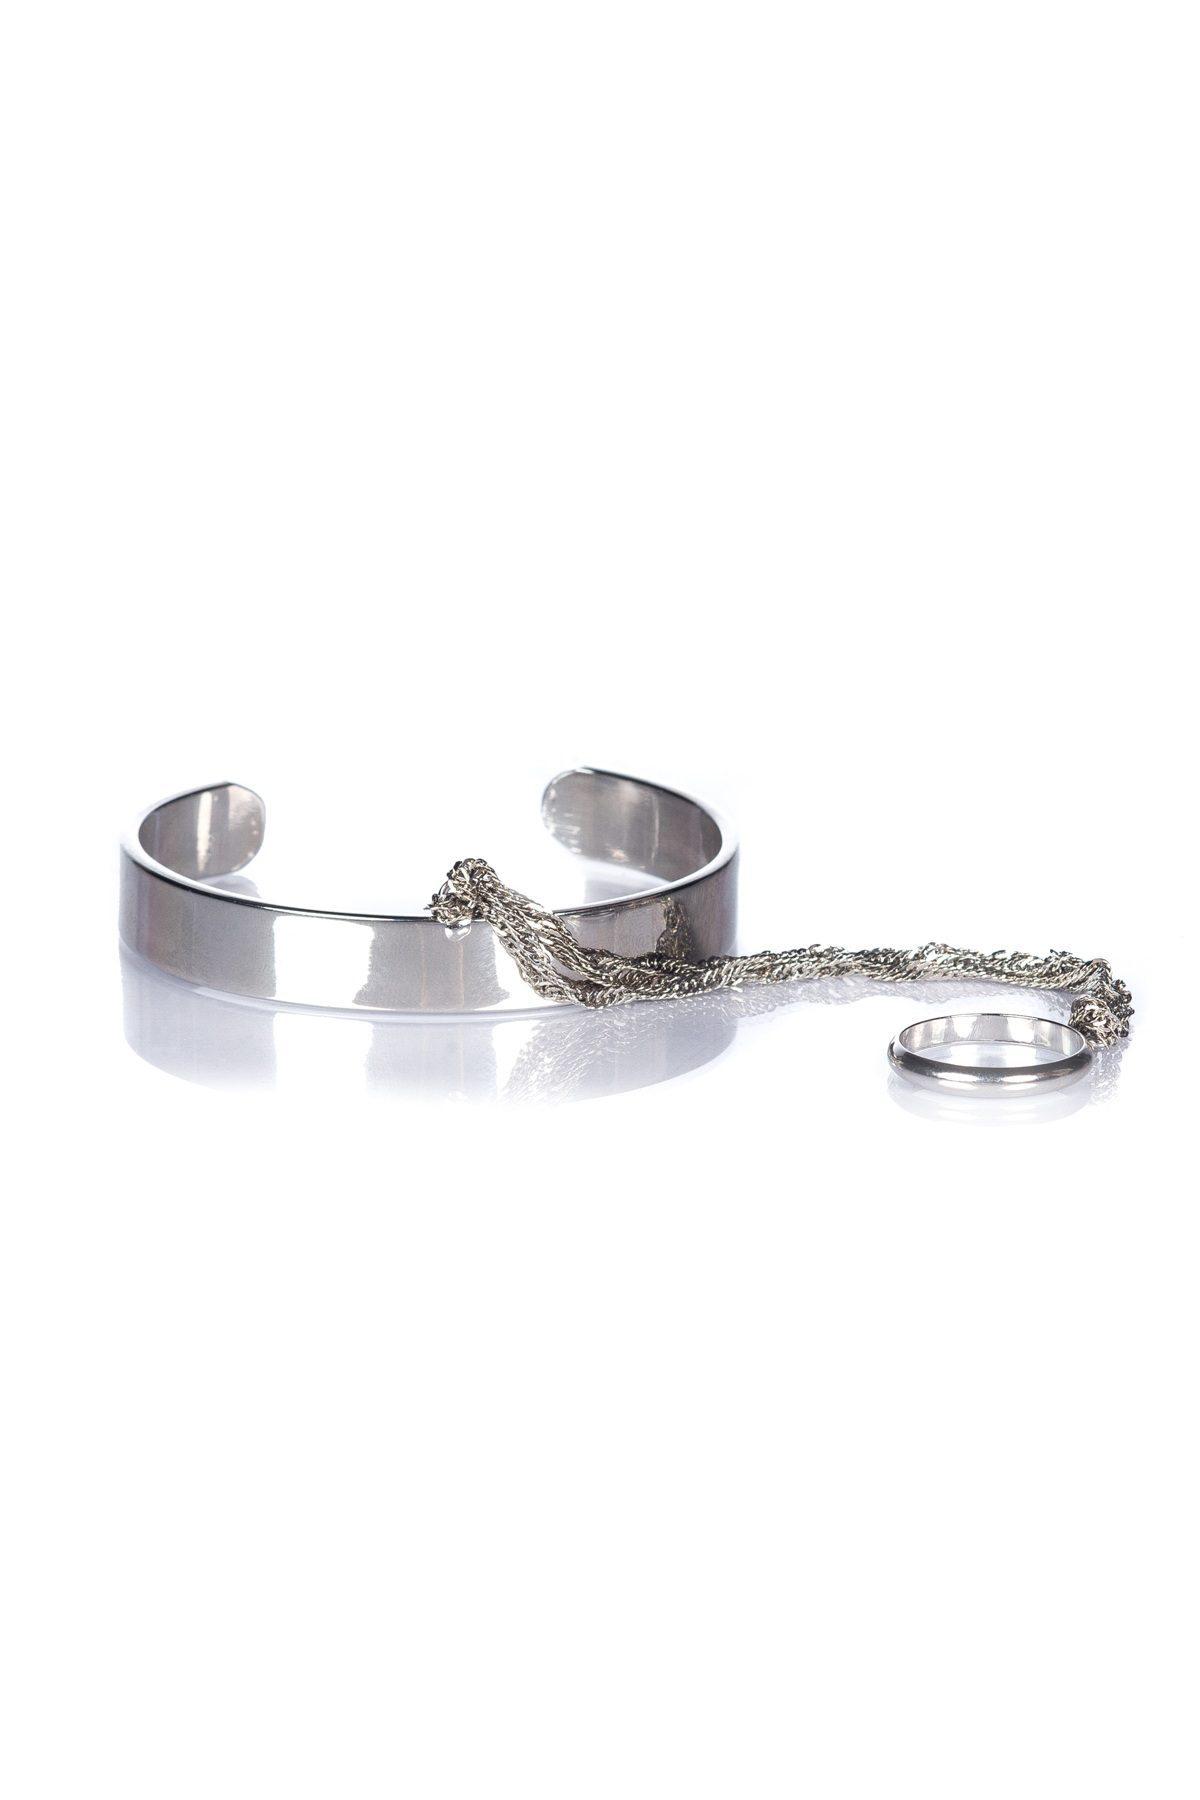 Bratara EXBR236 Argintiu